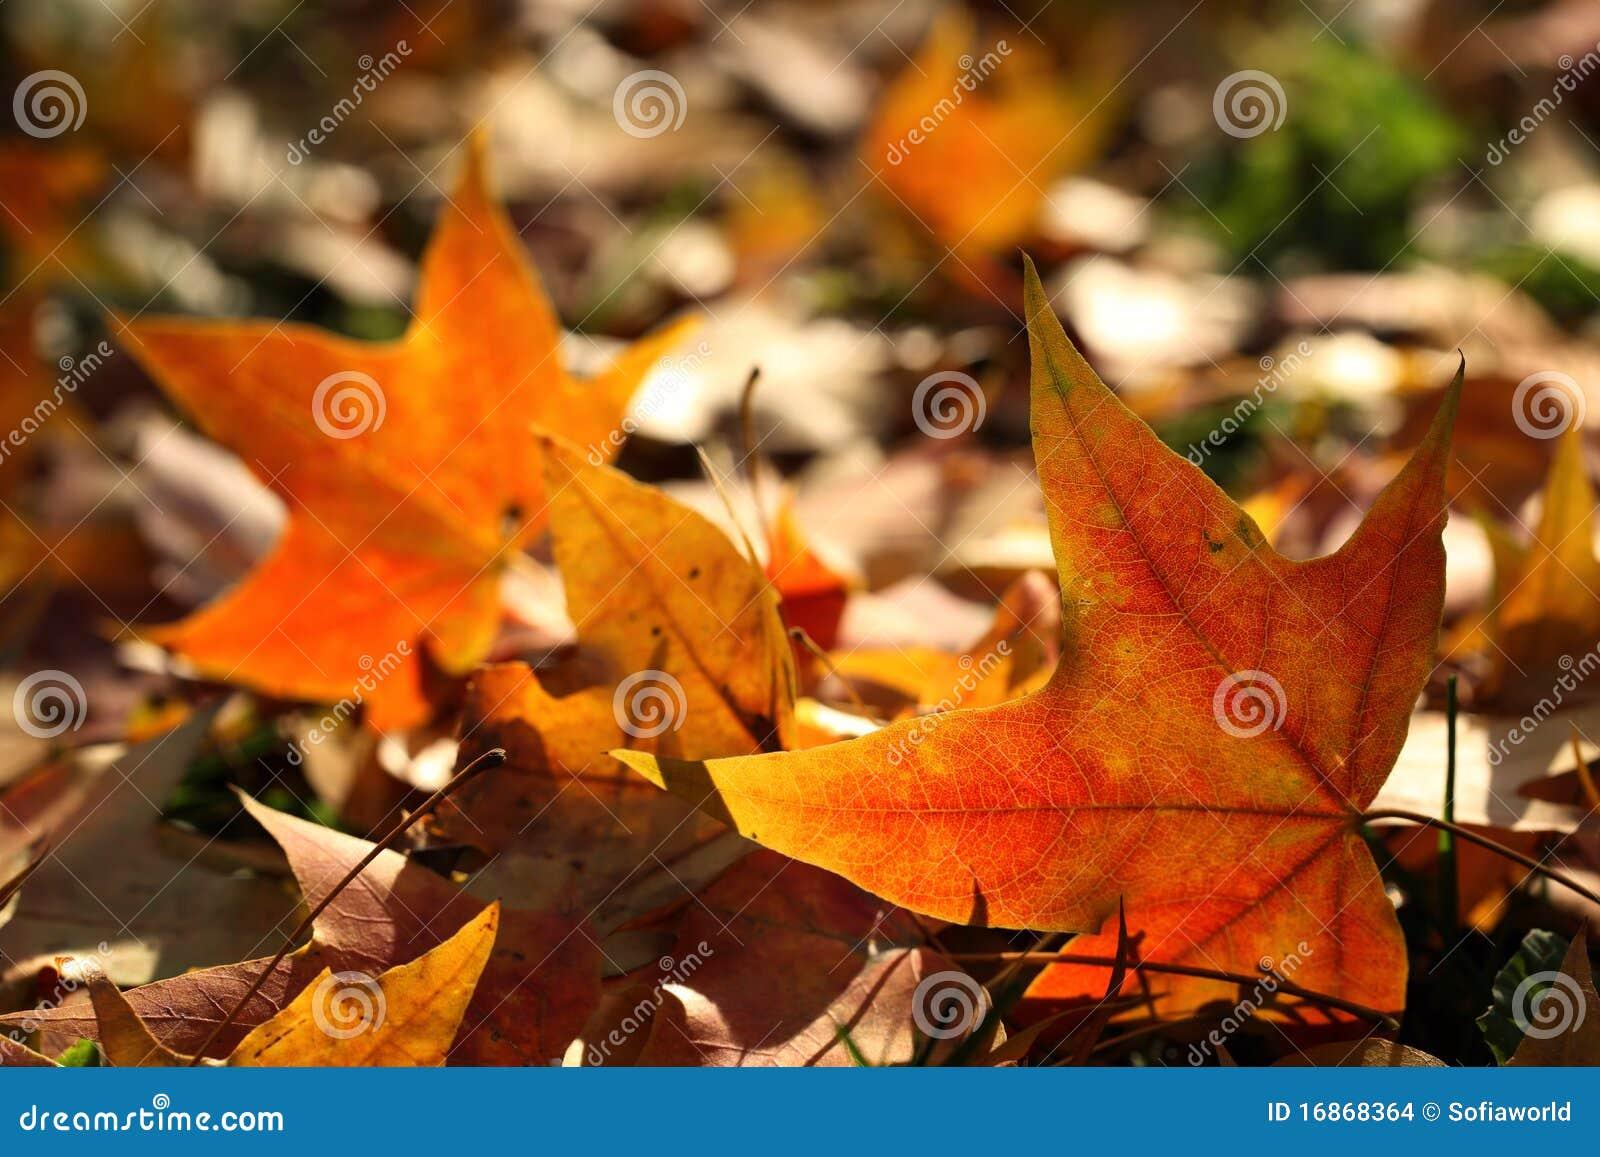 Höst fallna leaves